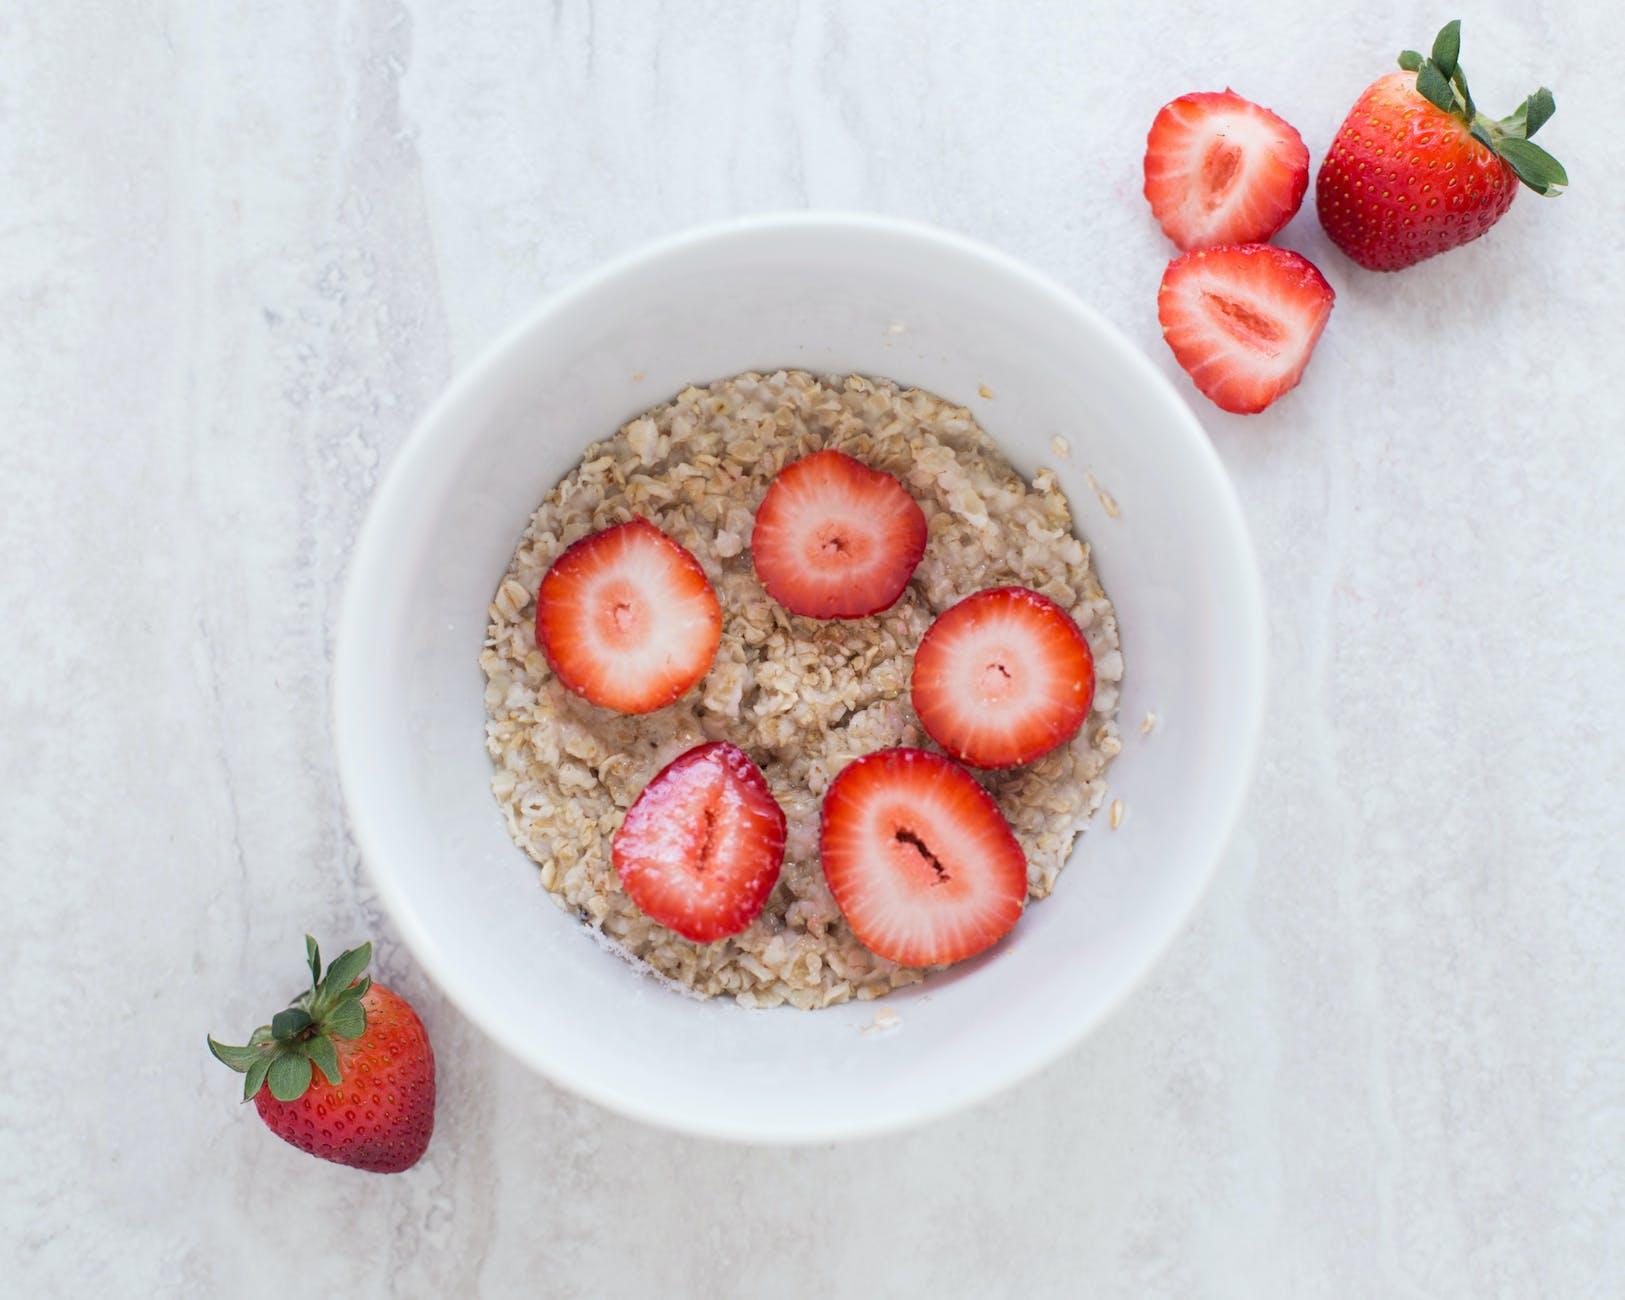 strawberries fresh strawberry oatmeal